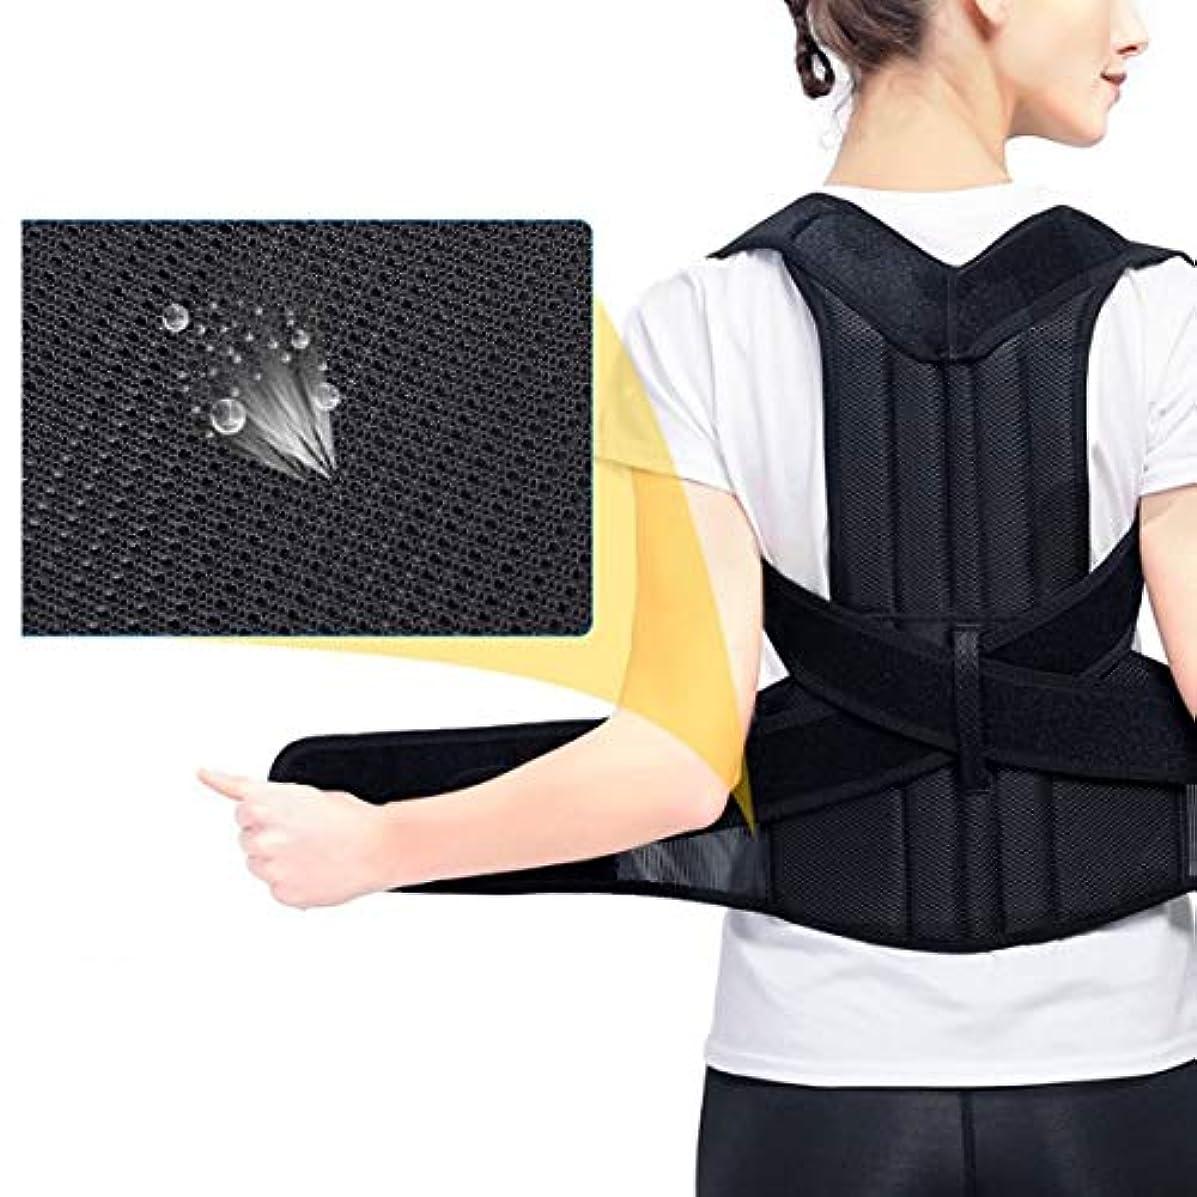 雨デンプシー奪う腰椎矯正バックブレース背骨装具側弯症腰椎サポート脊椎湾曲装具固定用姿勢 - 黒